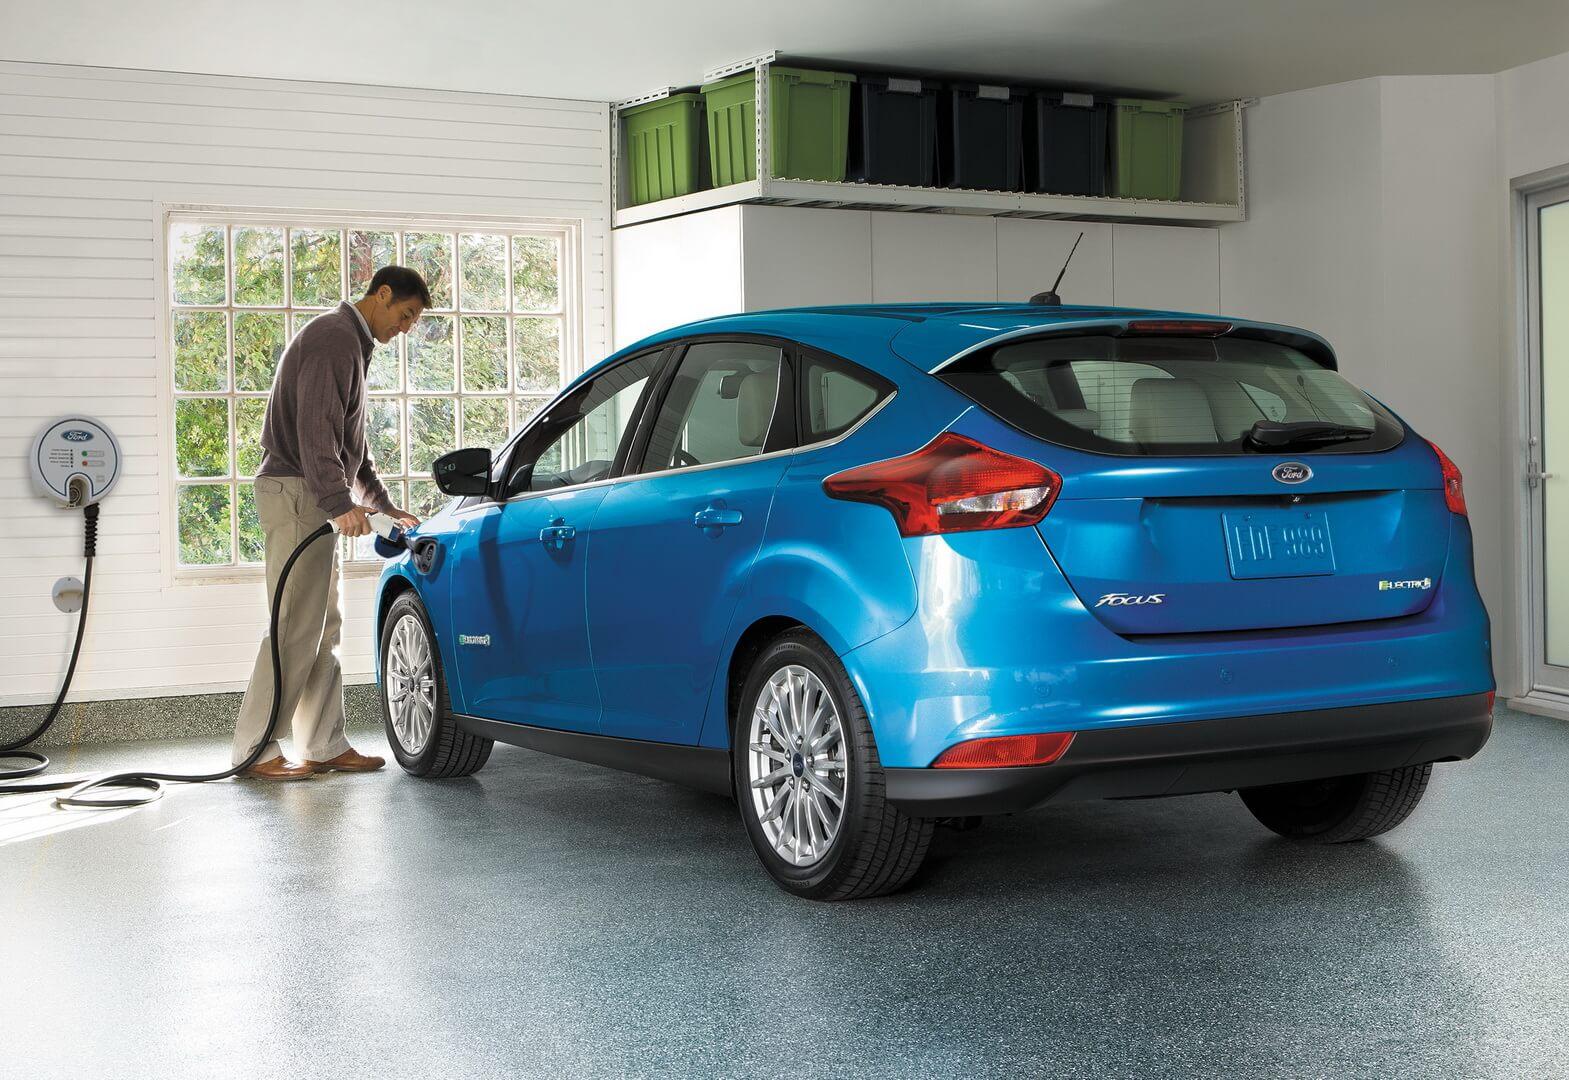 Ford Focus Electric второго поколения